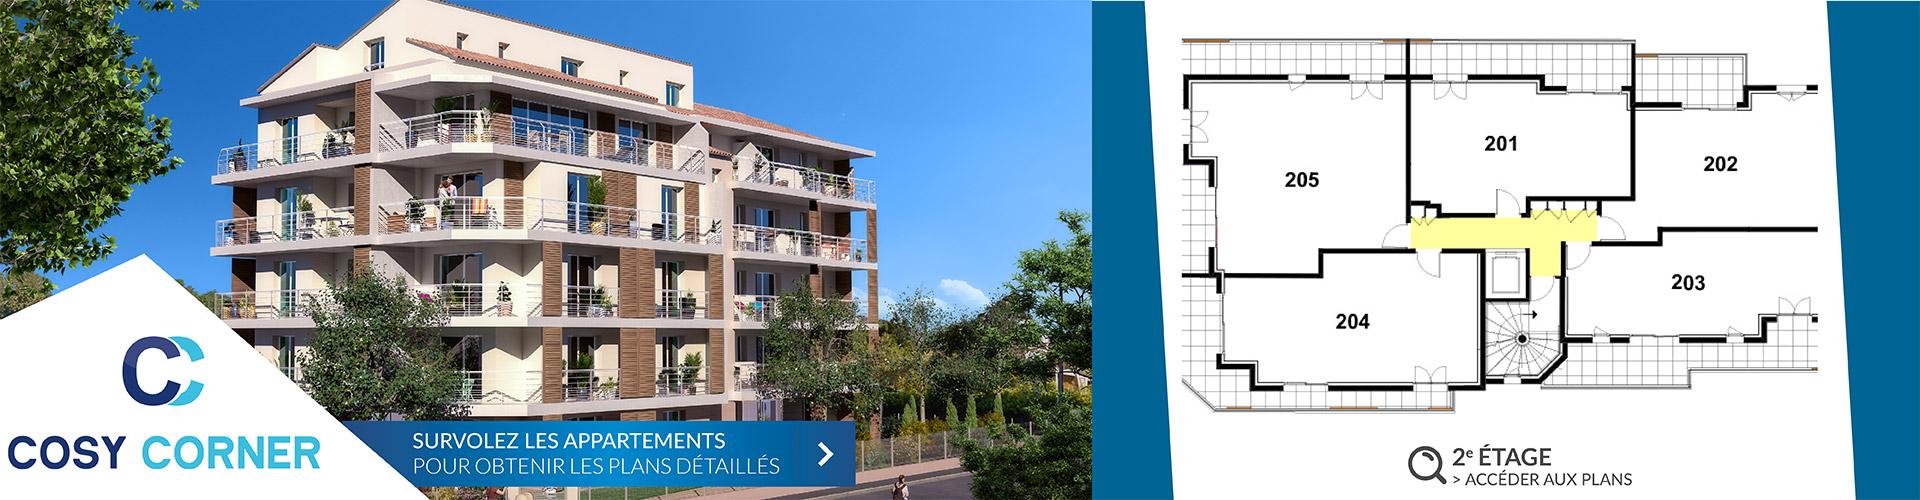 Résidence Cosy Corner à Toulon 83 - Logements neufs 2e etage